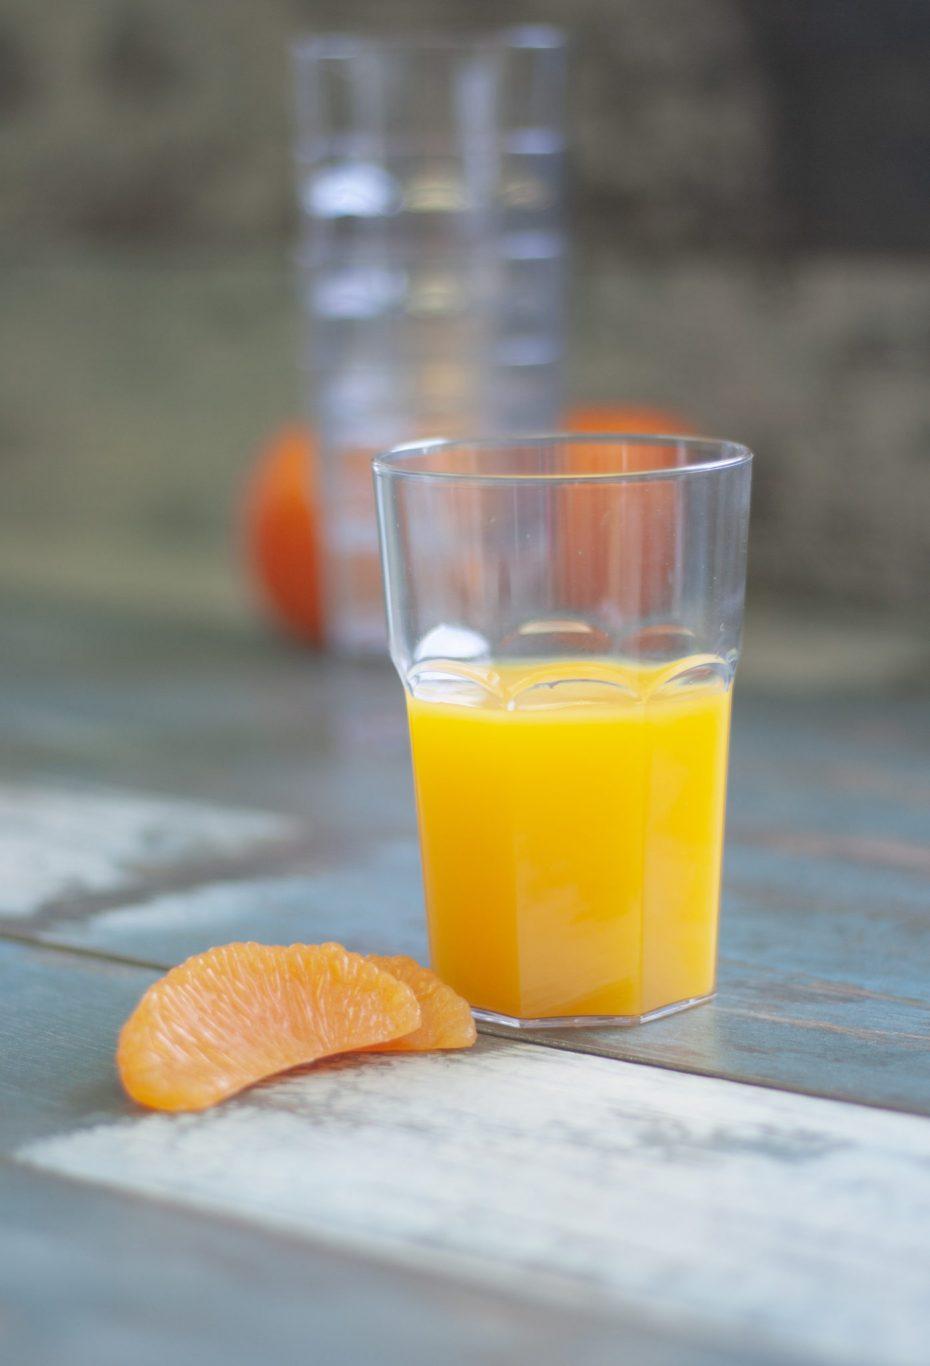 Clear Economy Tumbler with Orange Juice